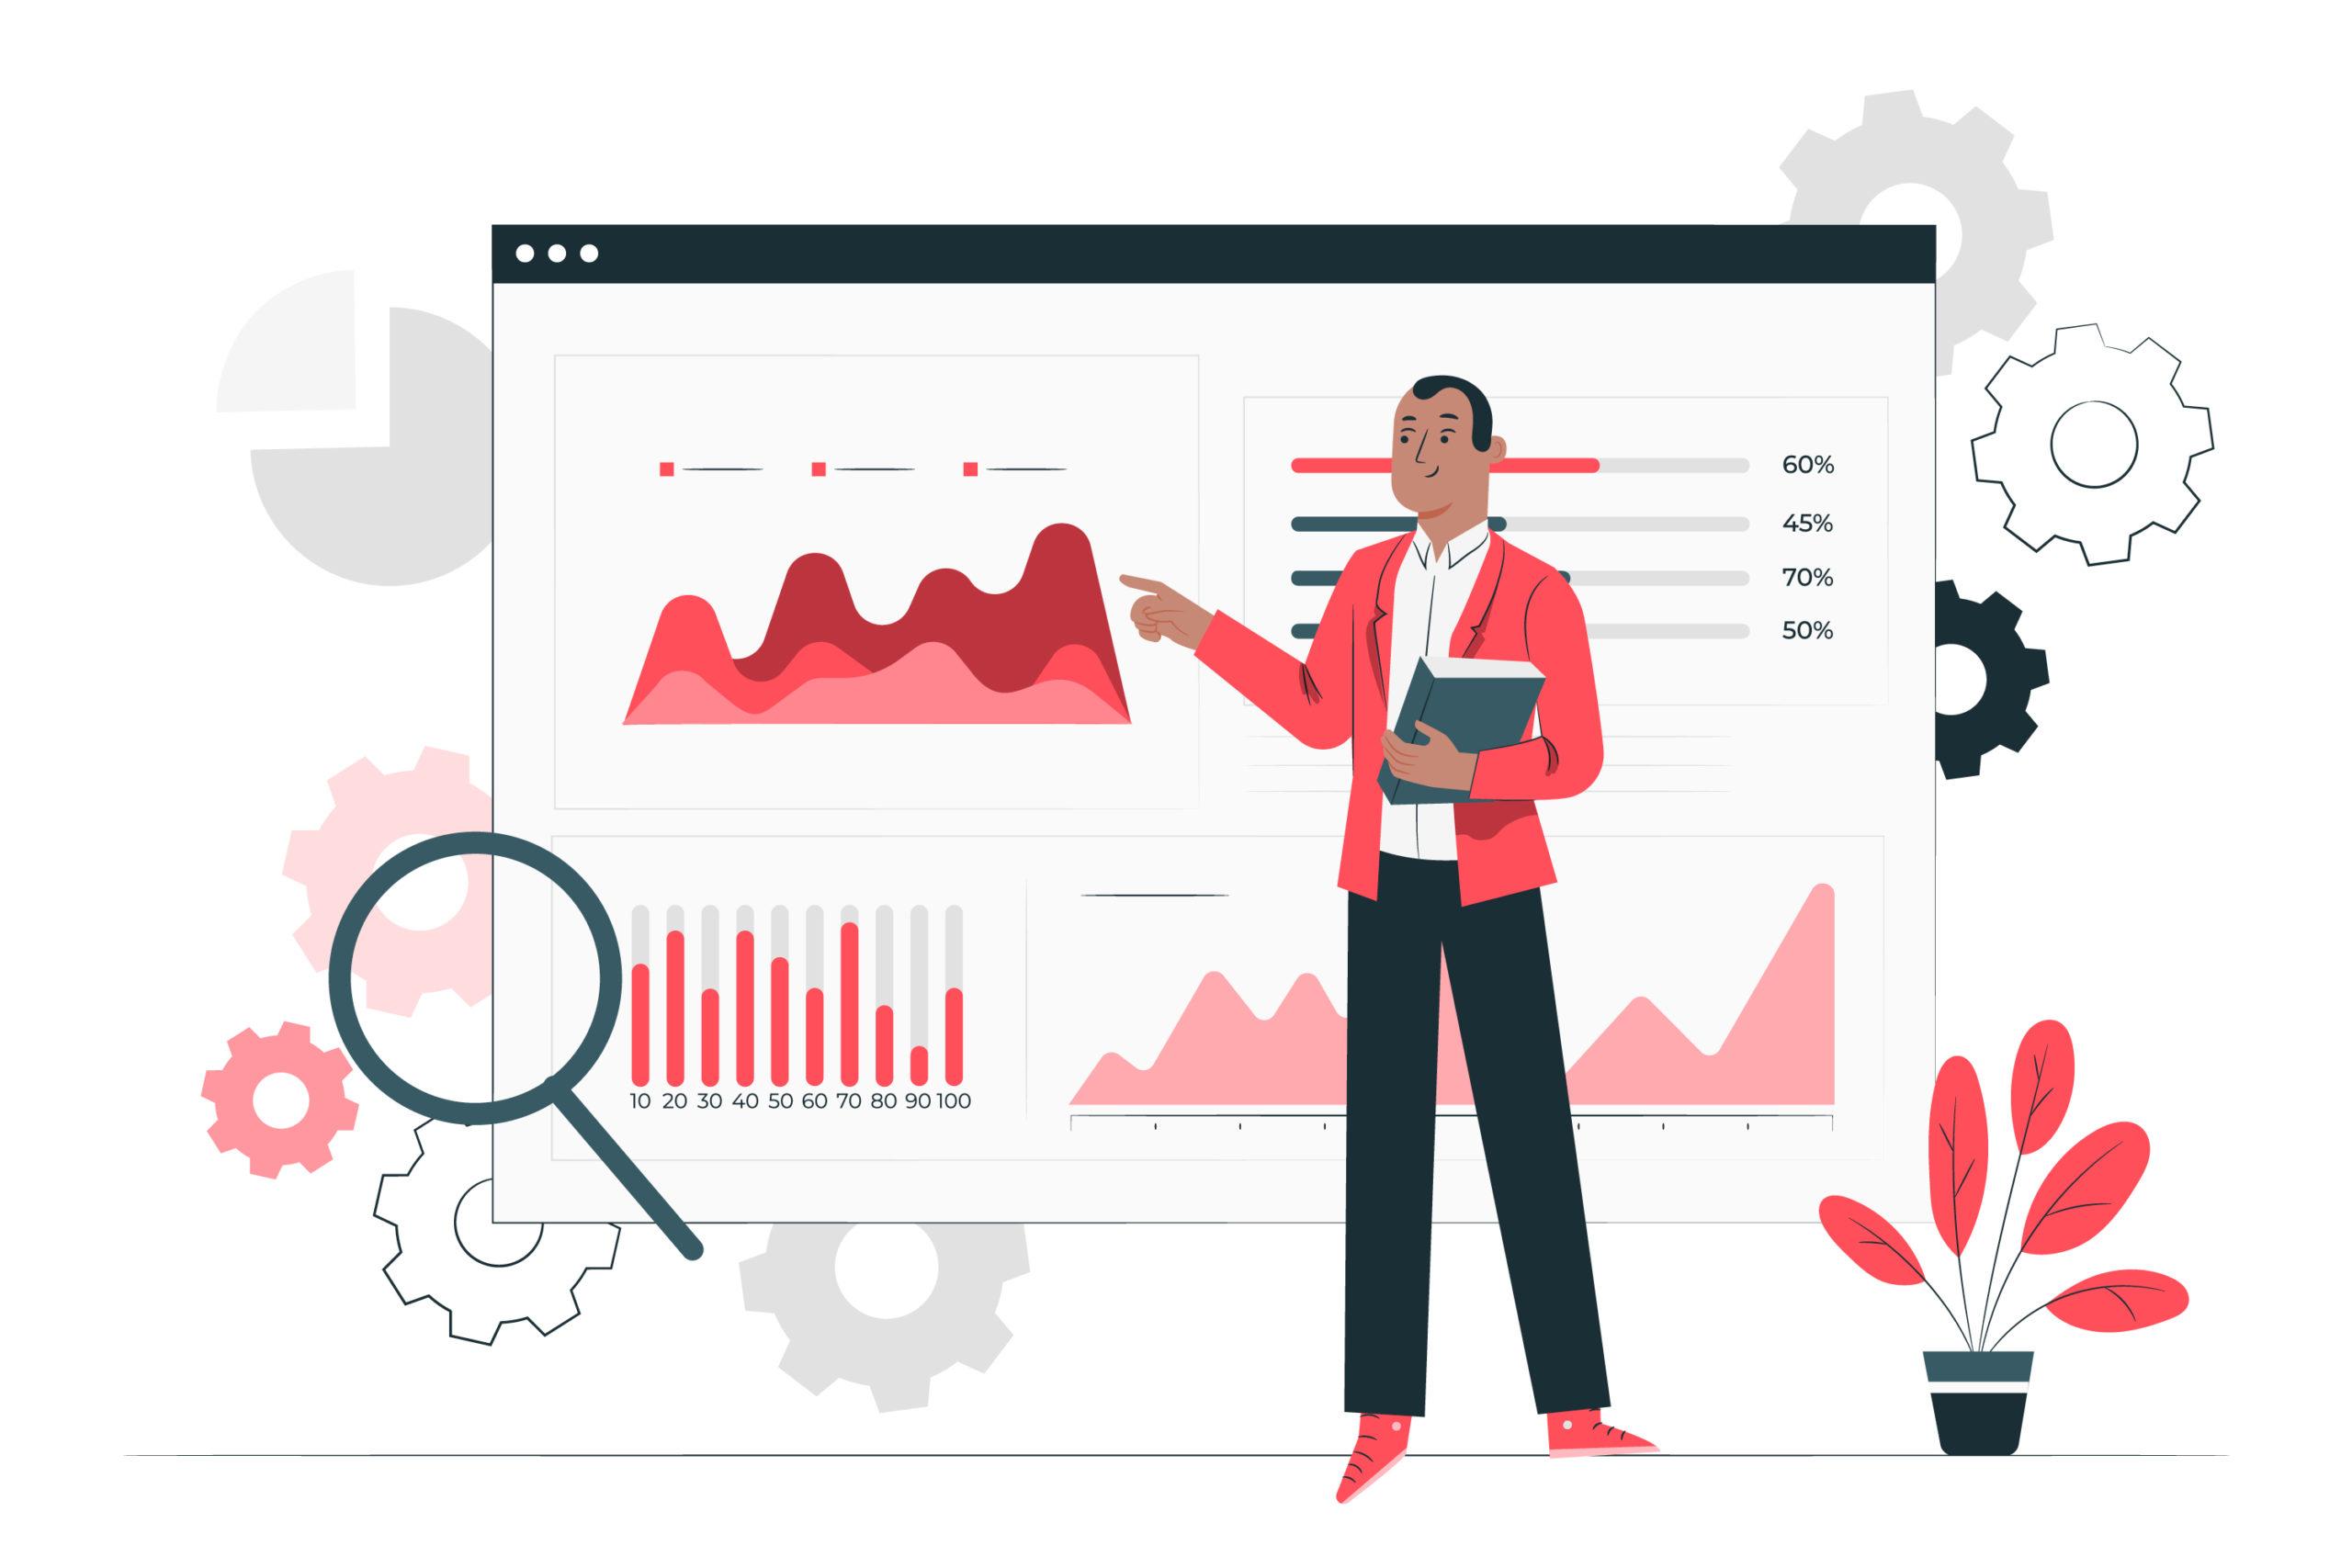 Newsroom- ¿Qué es el benchmarking y qué tipos existen? - Interlat